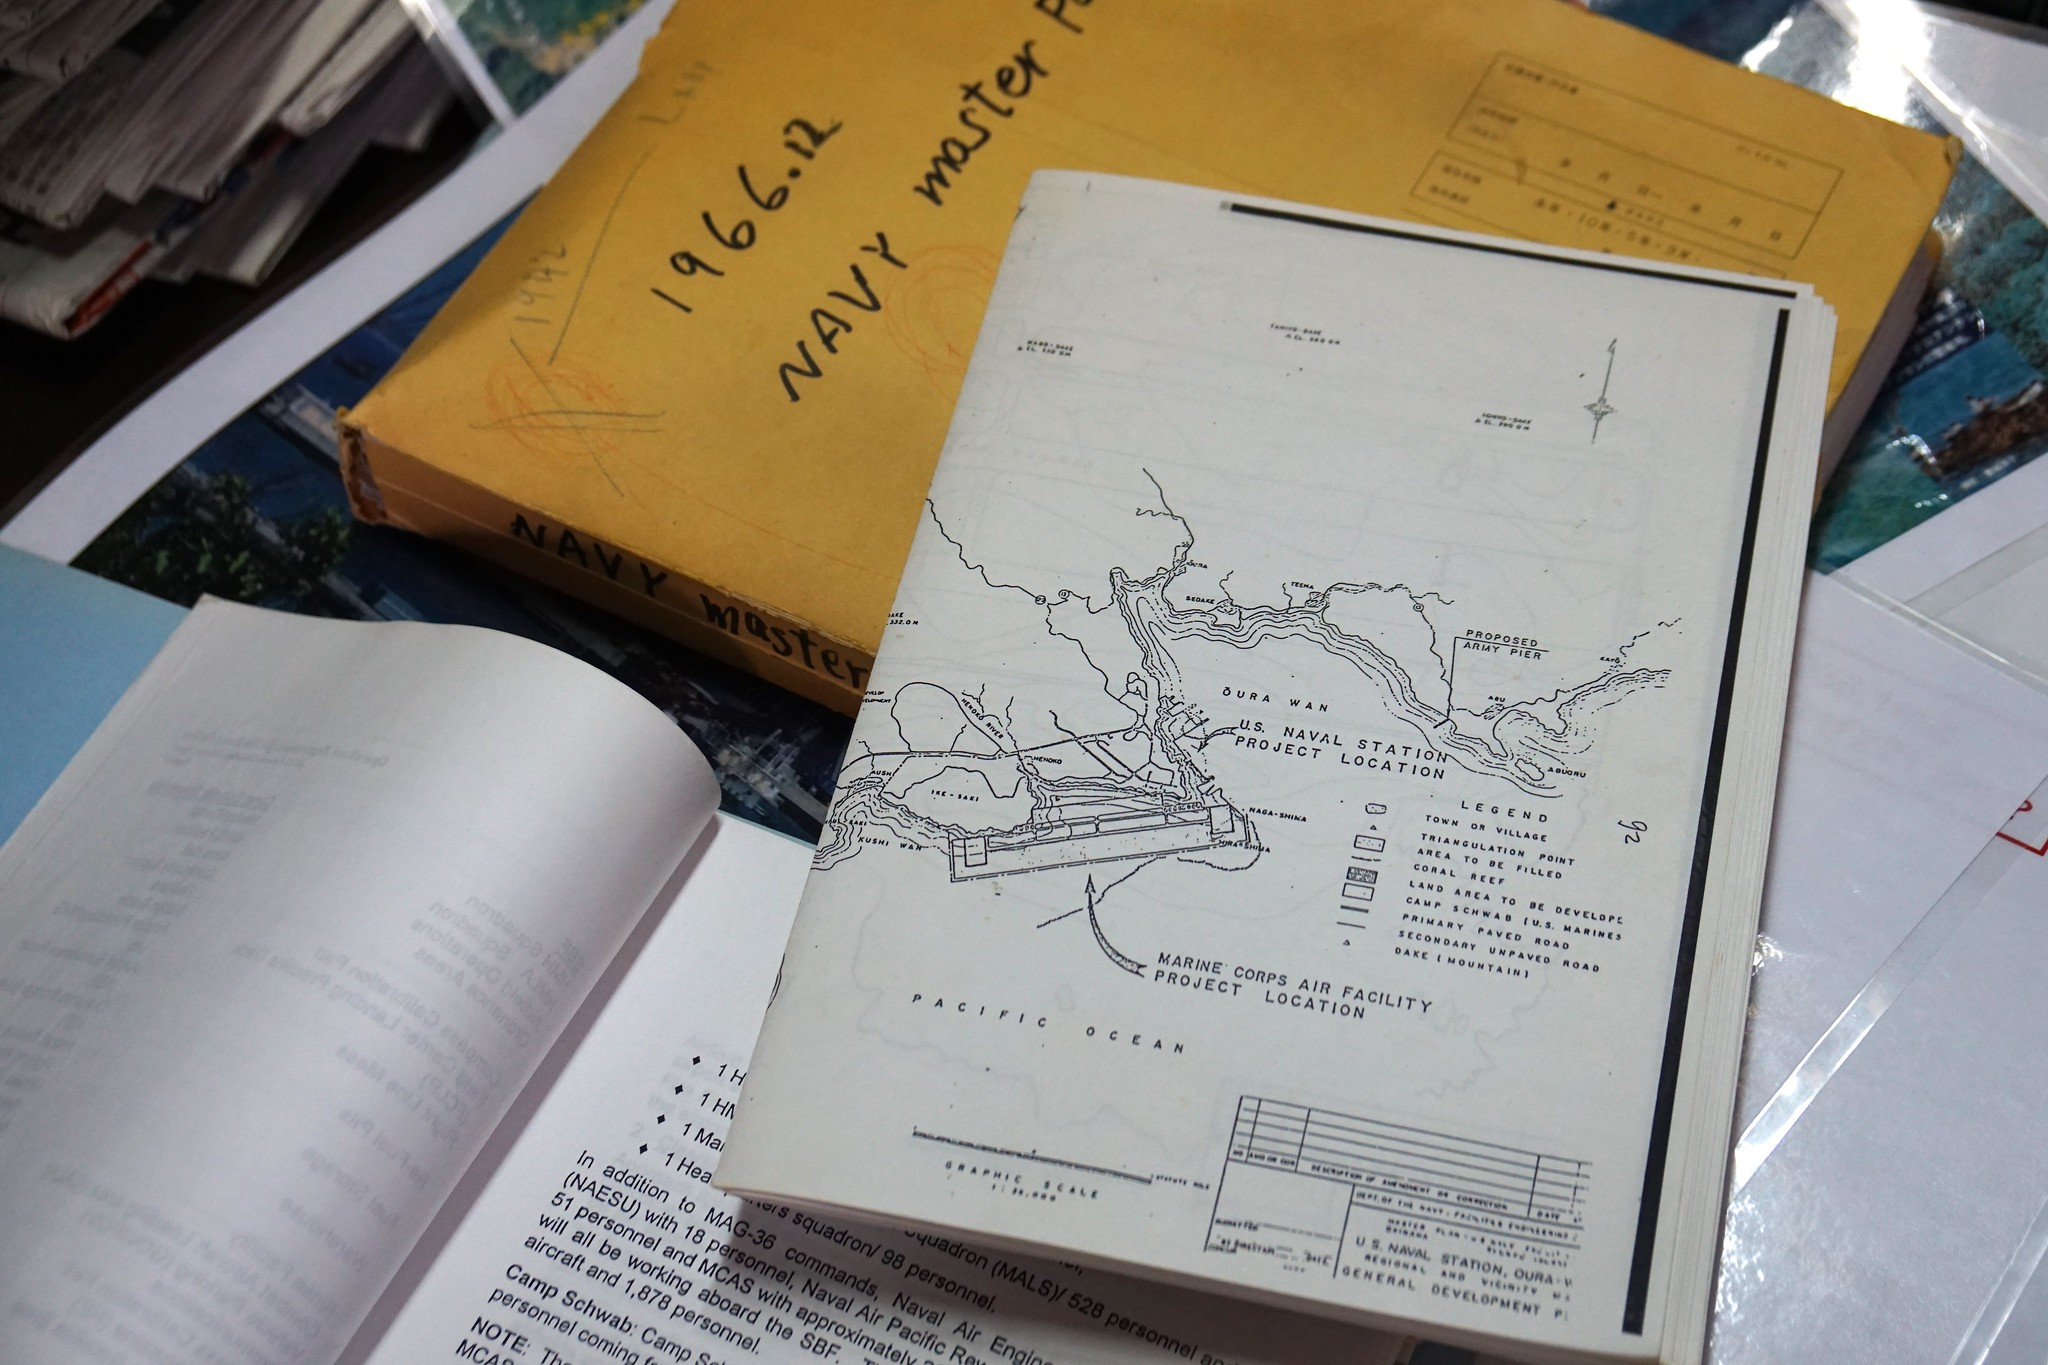 美軍1966年的海軍基地計劃書複印本。(翻攝:王顥中)